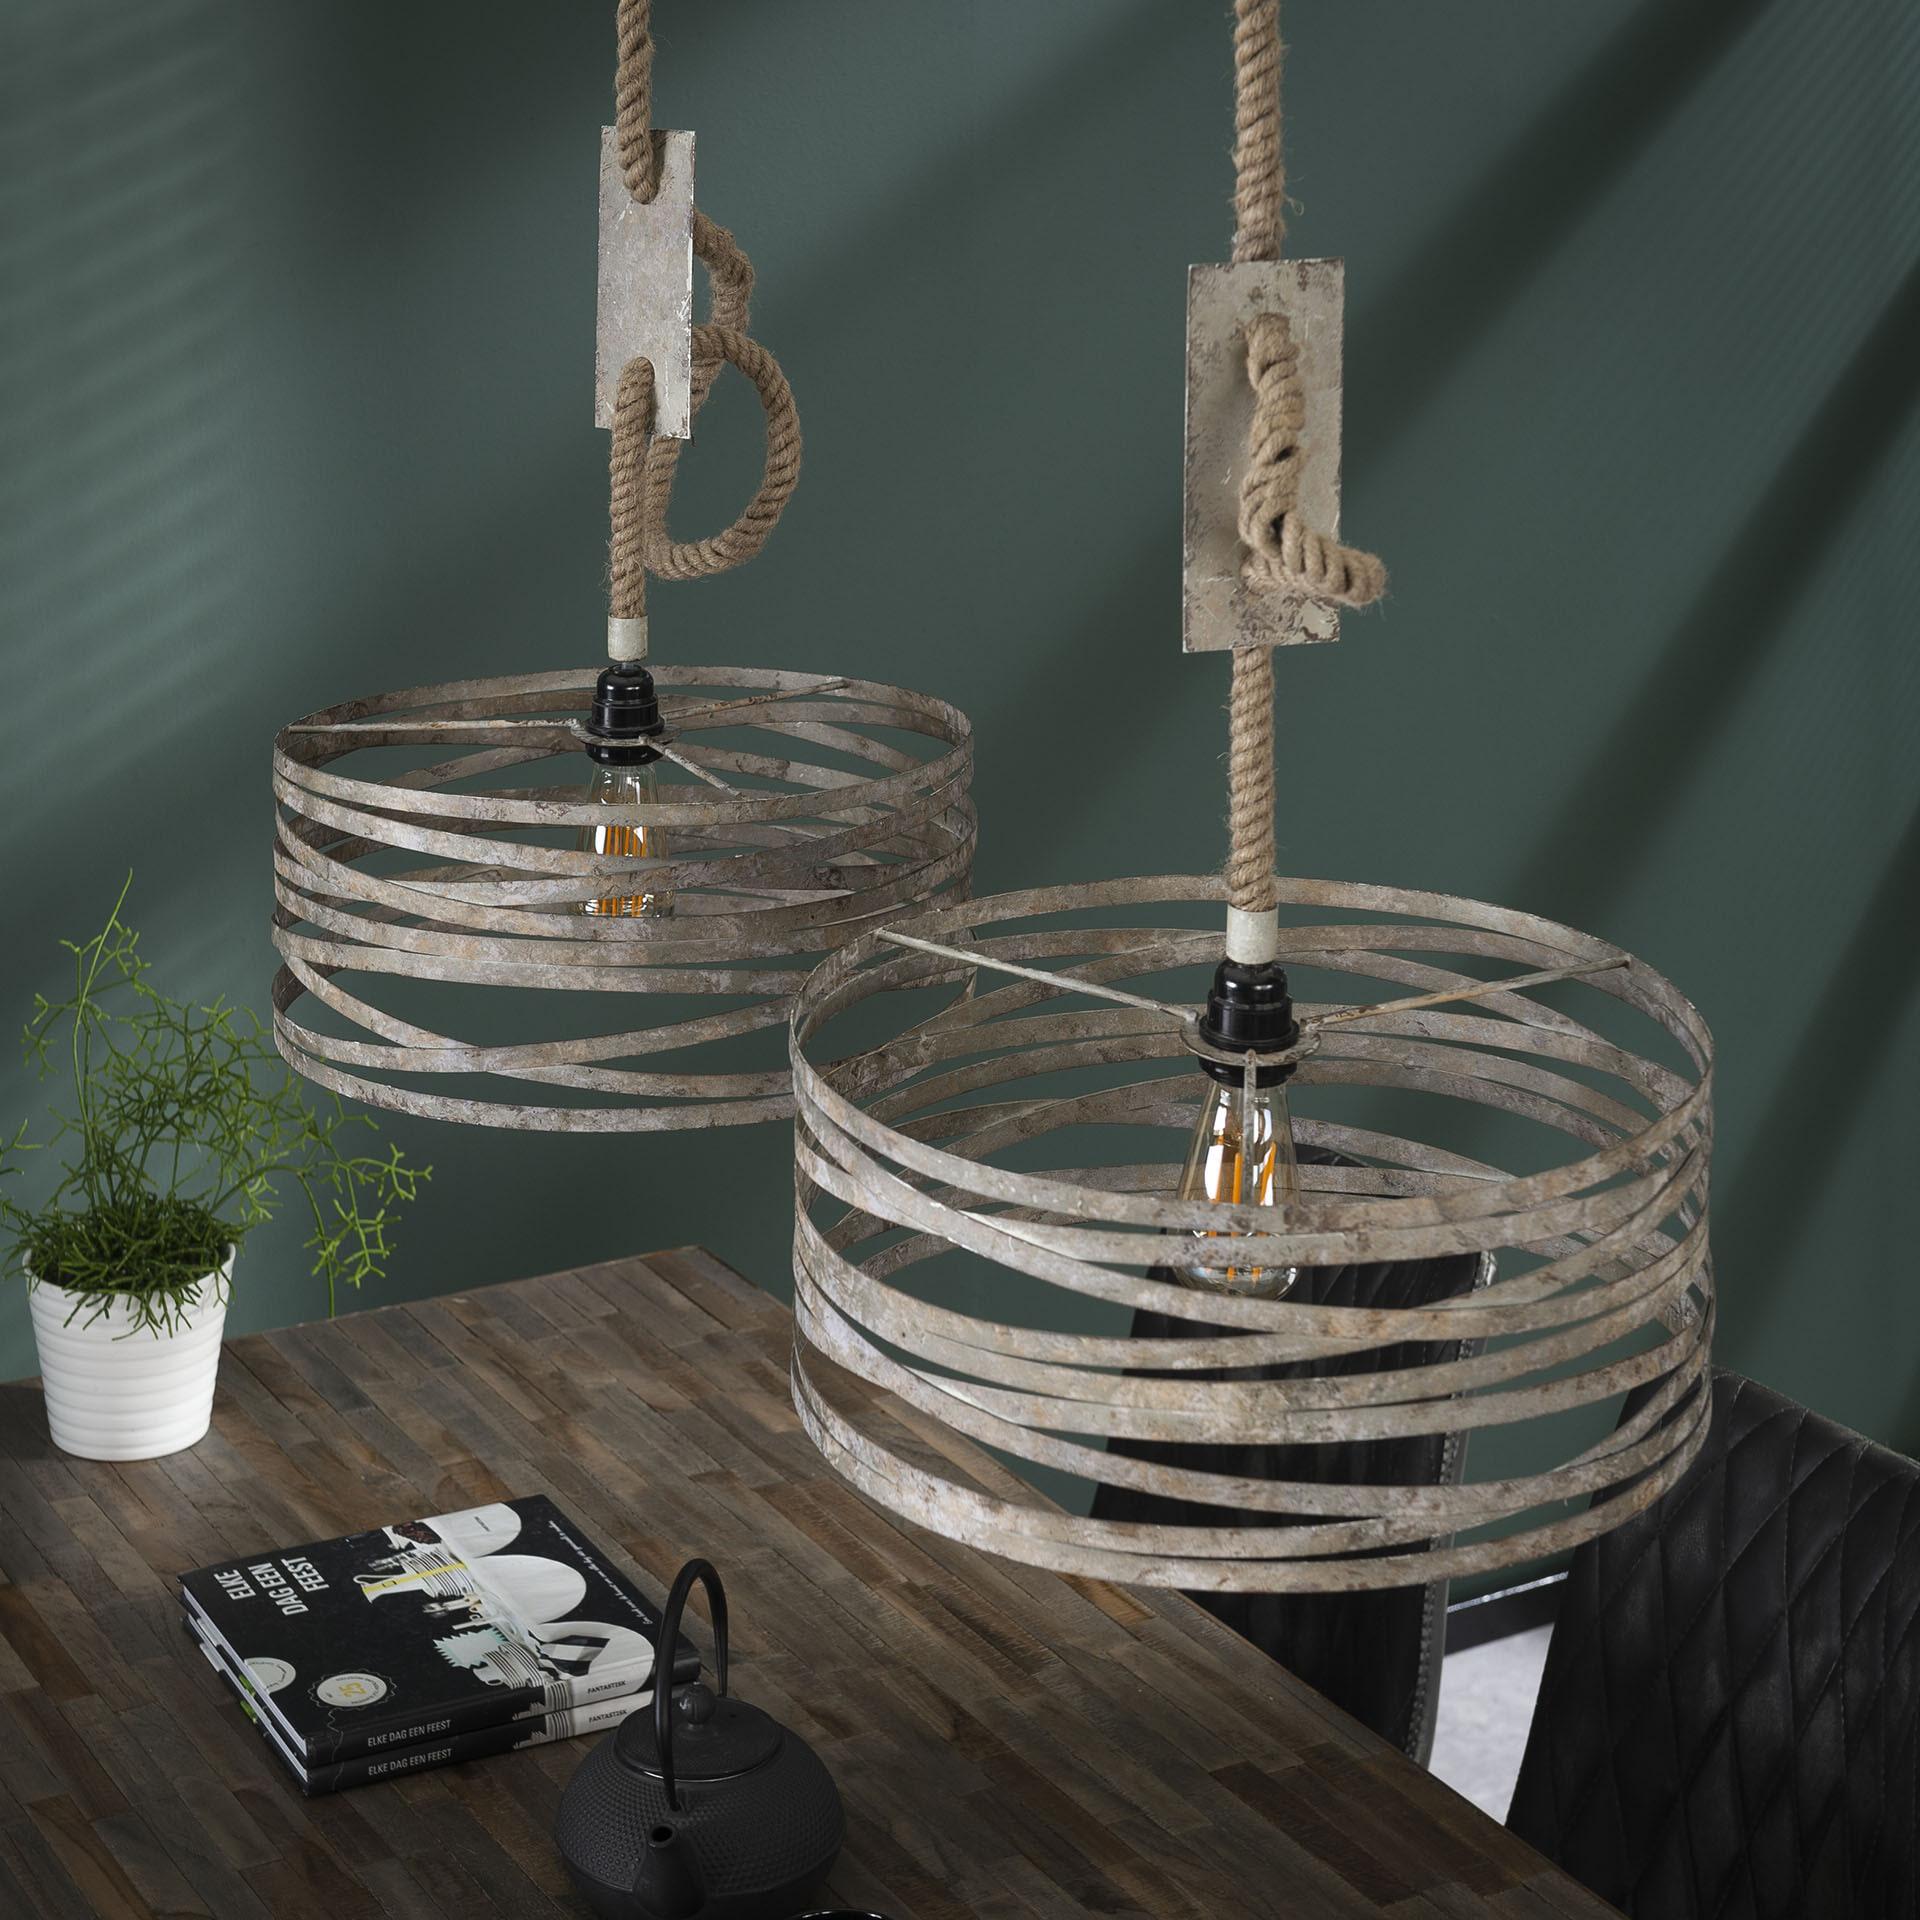 Dubbele Hanglamp'Ra?l' 2 x ?40cm Verlichting   Hanglampen vergelijken doe je het voordeligst hier bij Meubelpartner